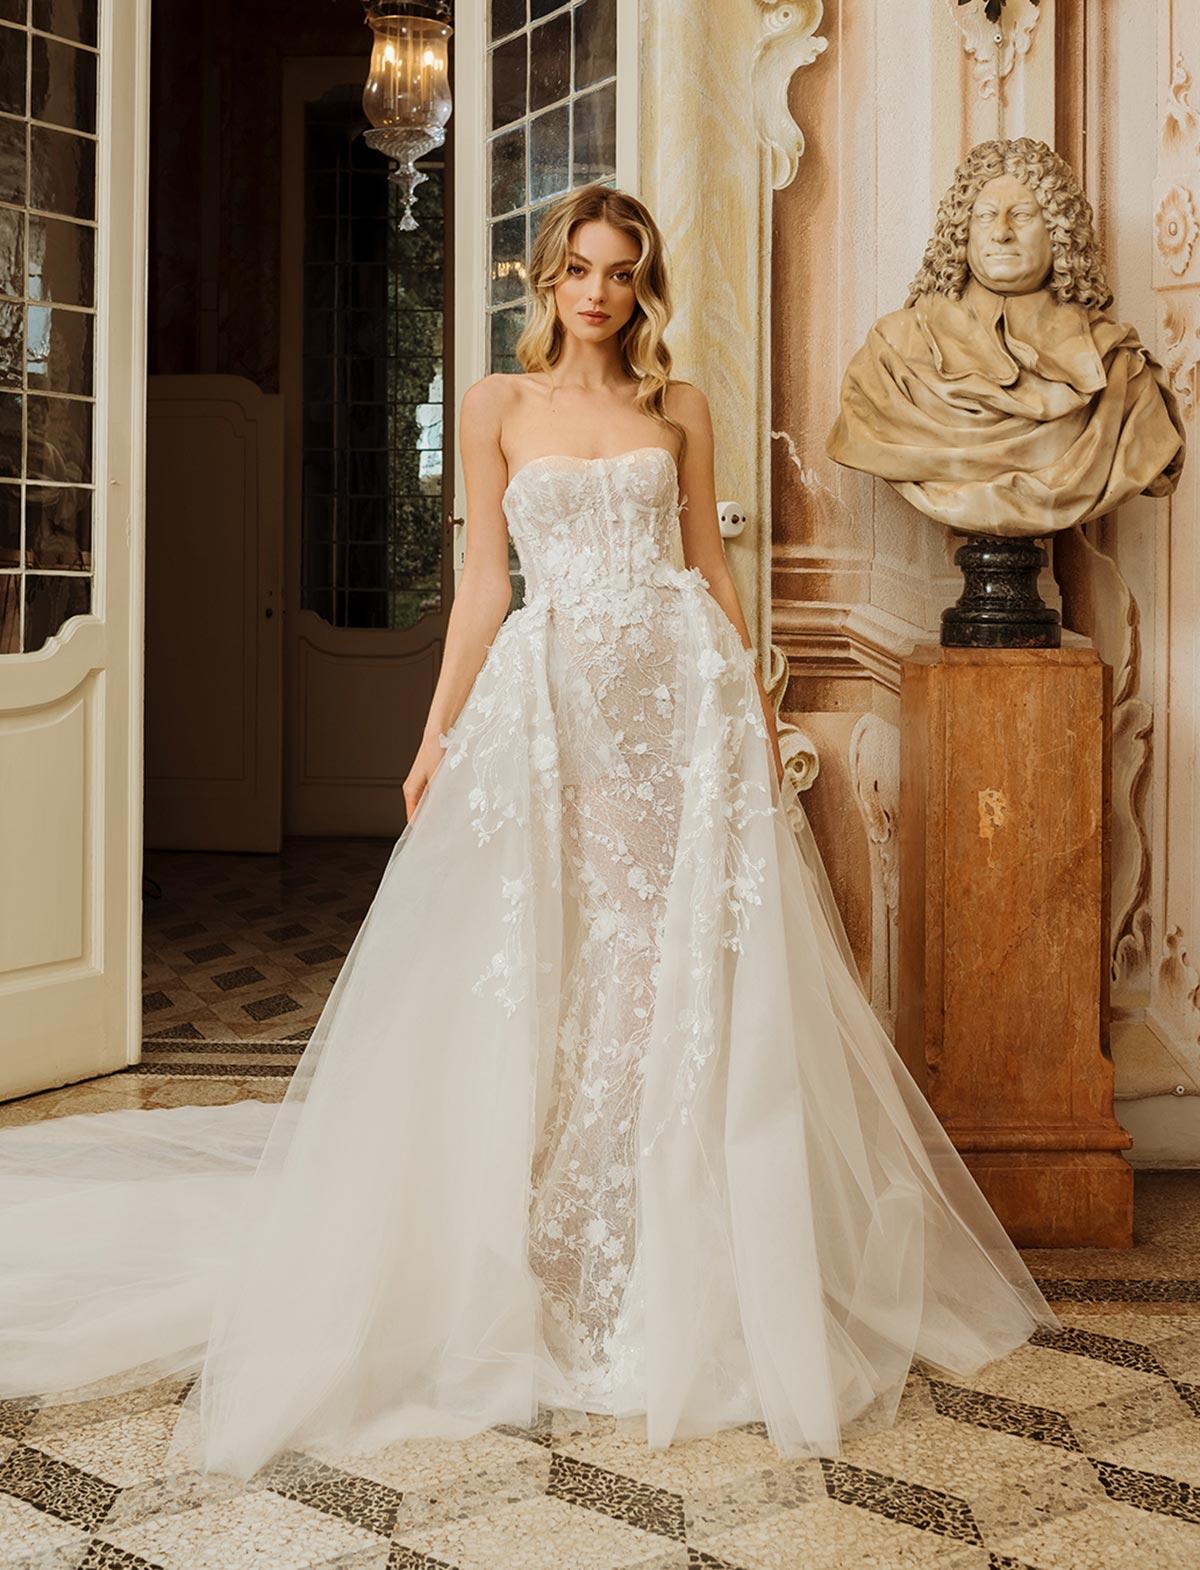 Berta Bridal 22-09 Abito Sposa